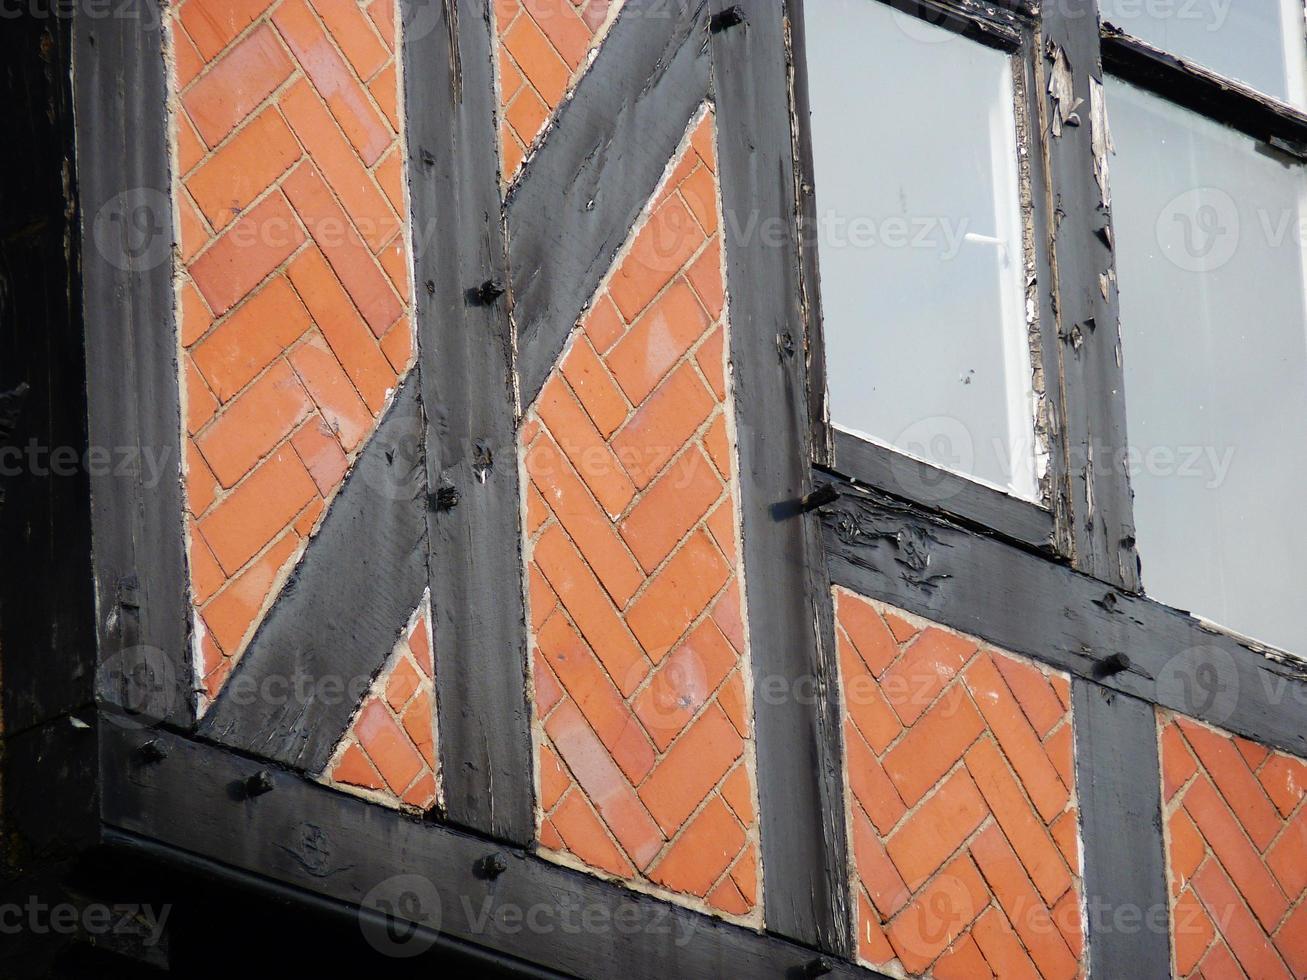 Tudor à colombages fenêtres au plomb chester cheshire photo